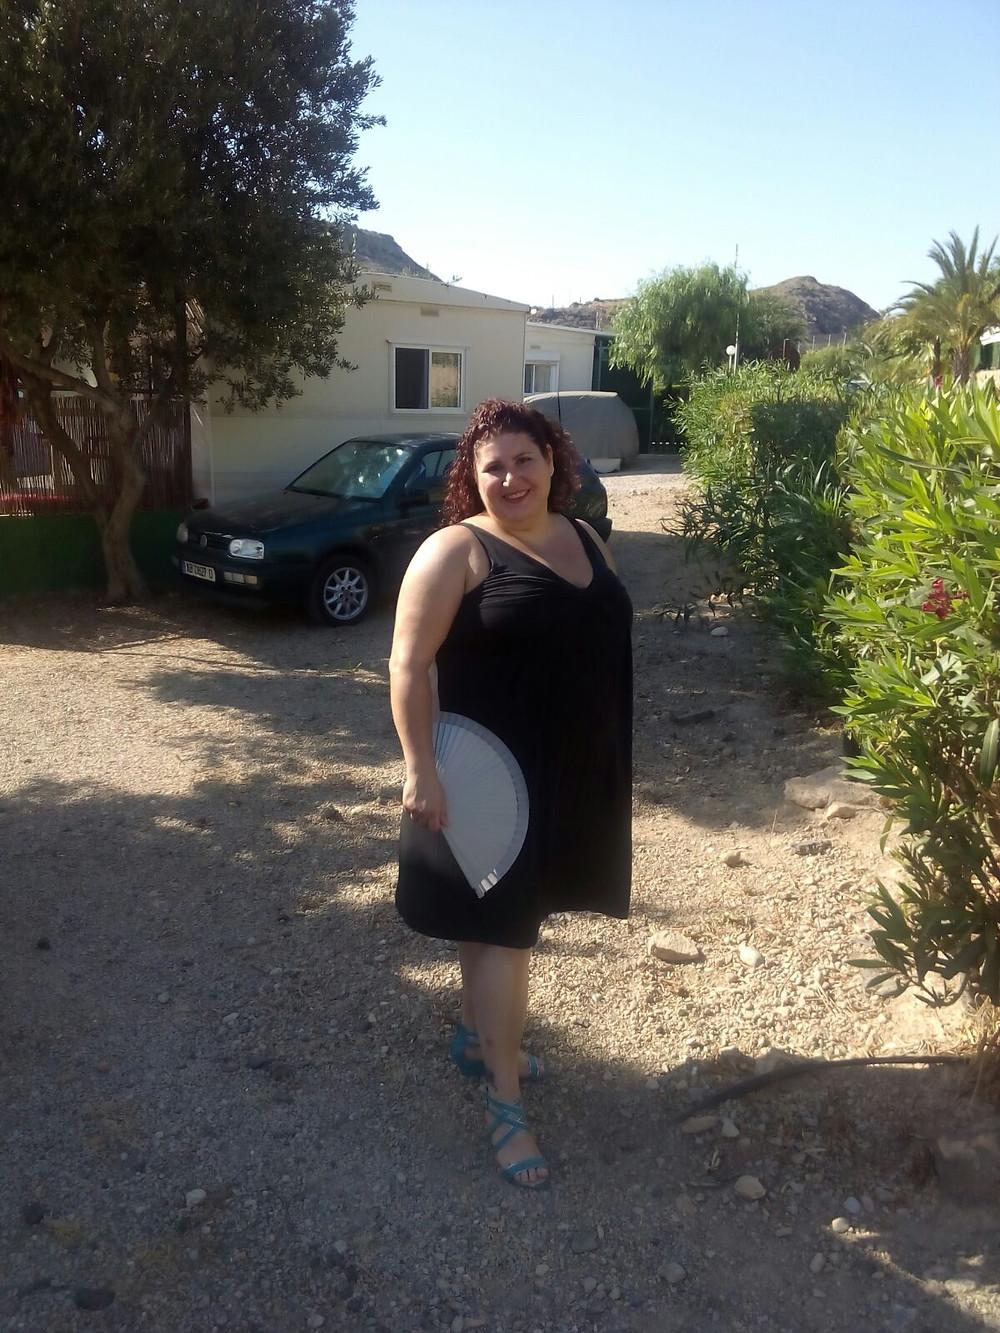 IMNA perdió 22 kilos en 5 meses, adelgazar con hipnosis fuengirola mijas